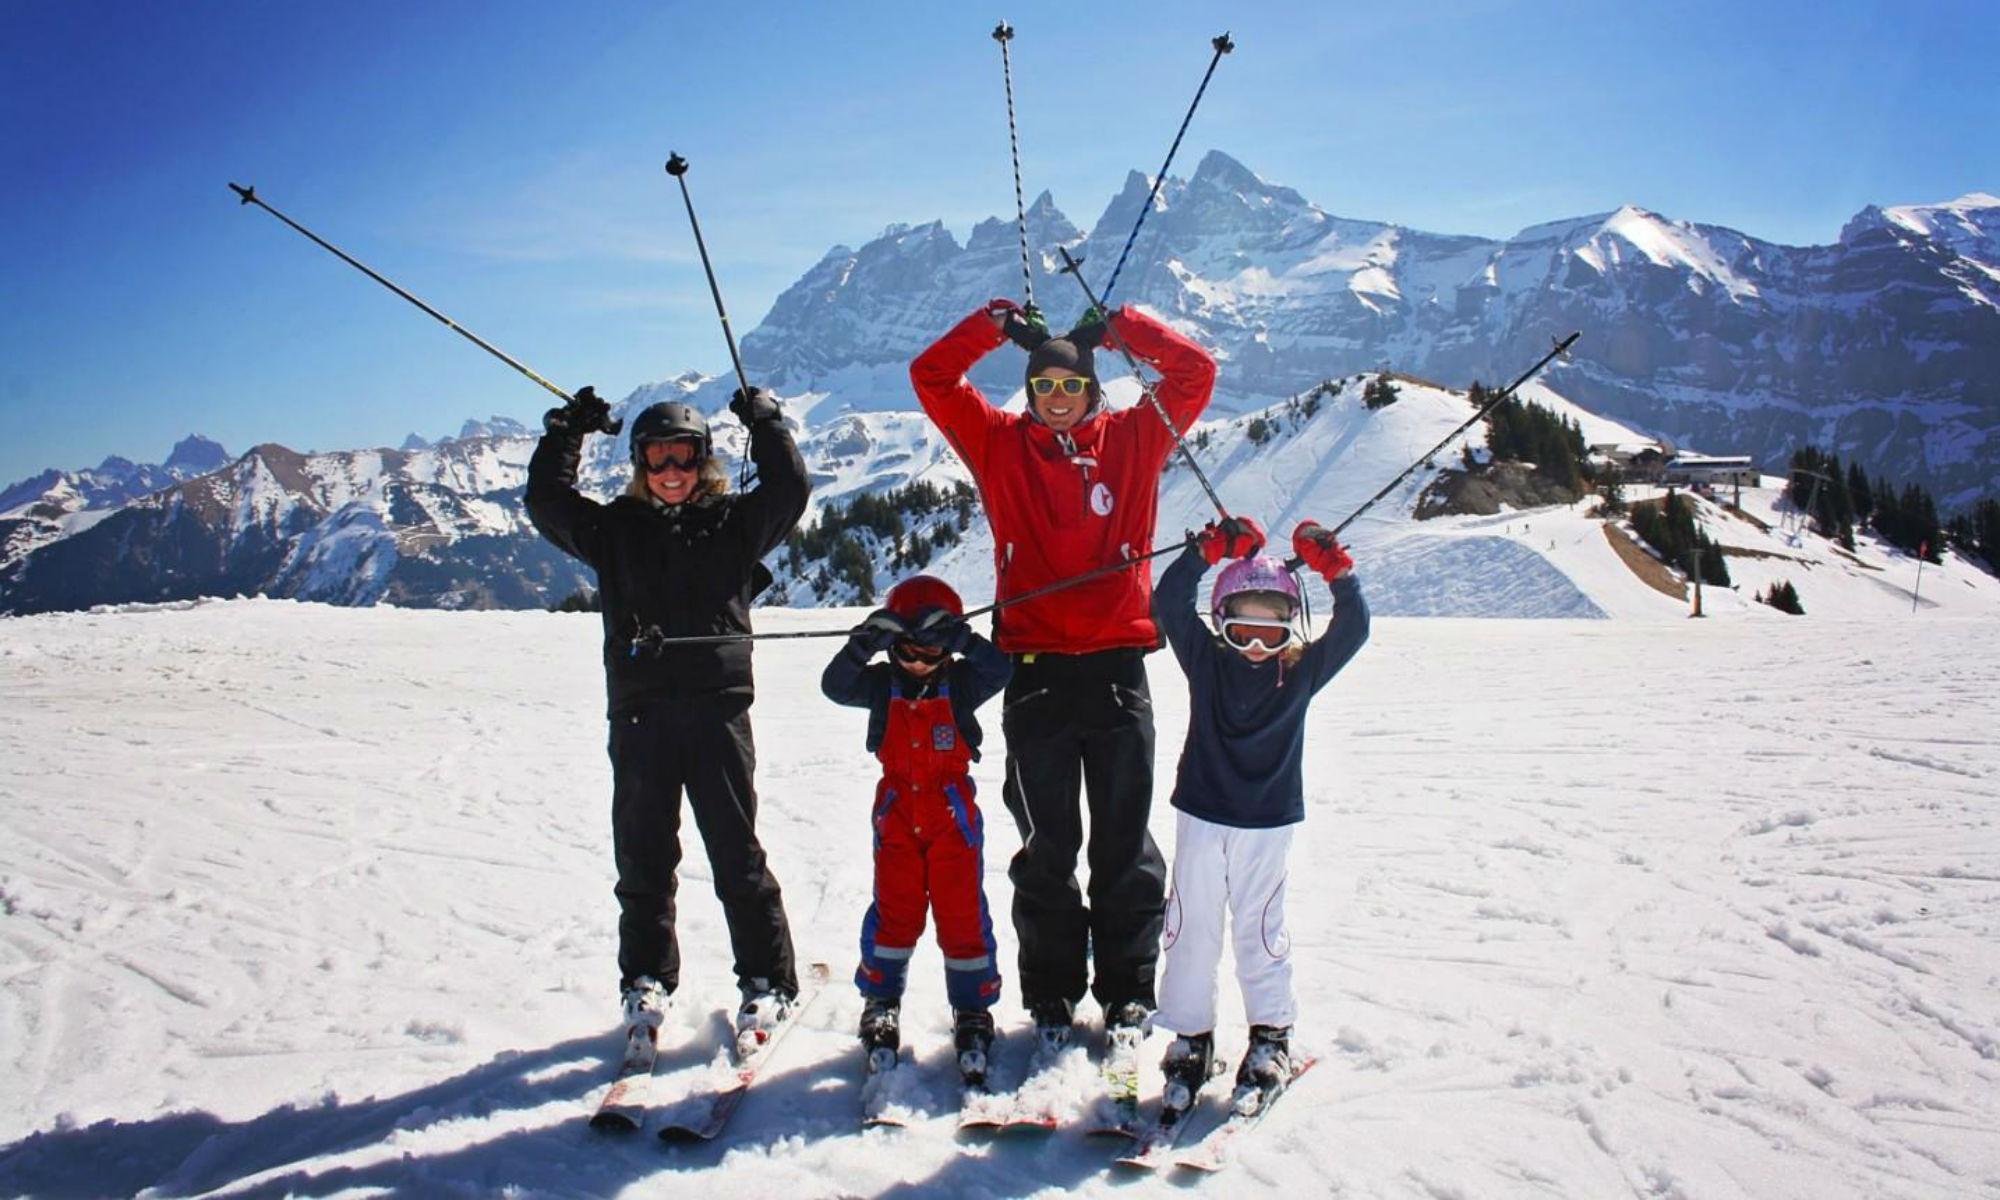 Familie beim Privatskikurs im Skigebiet Les Portes du Soleil in der Schweiz.